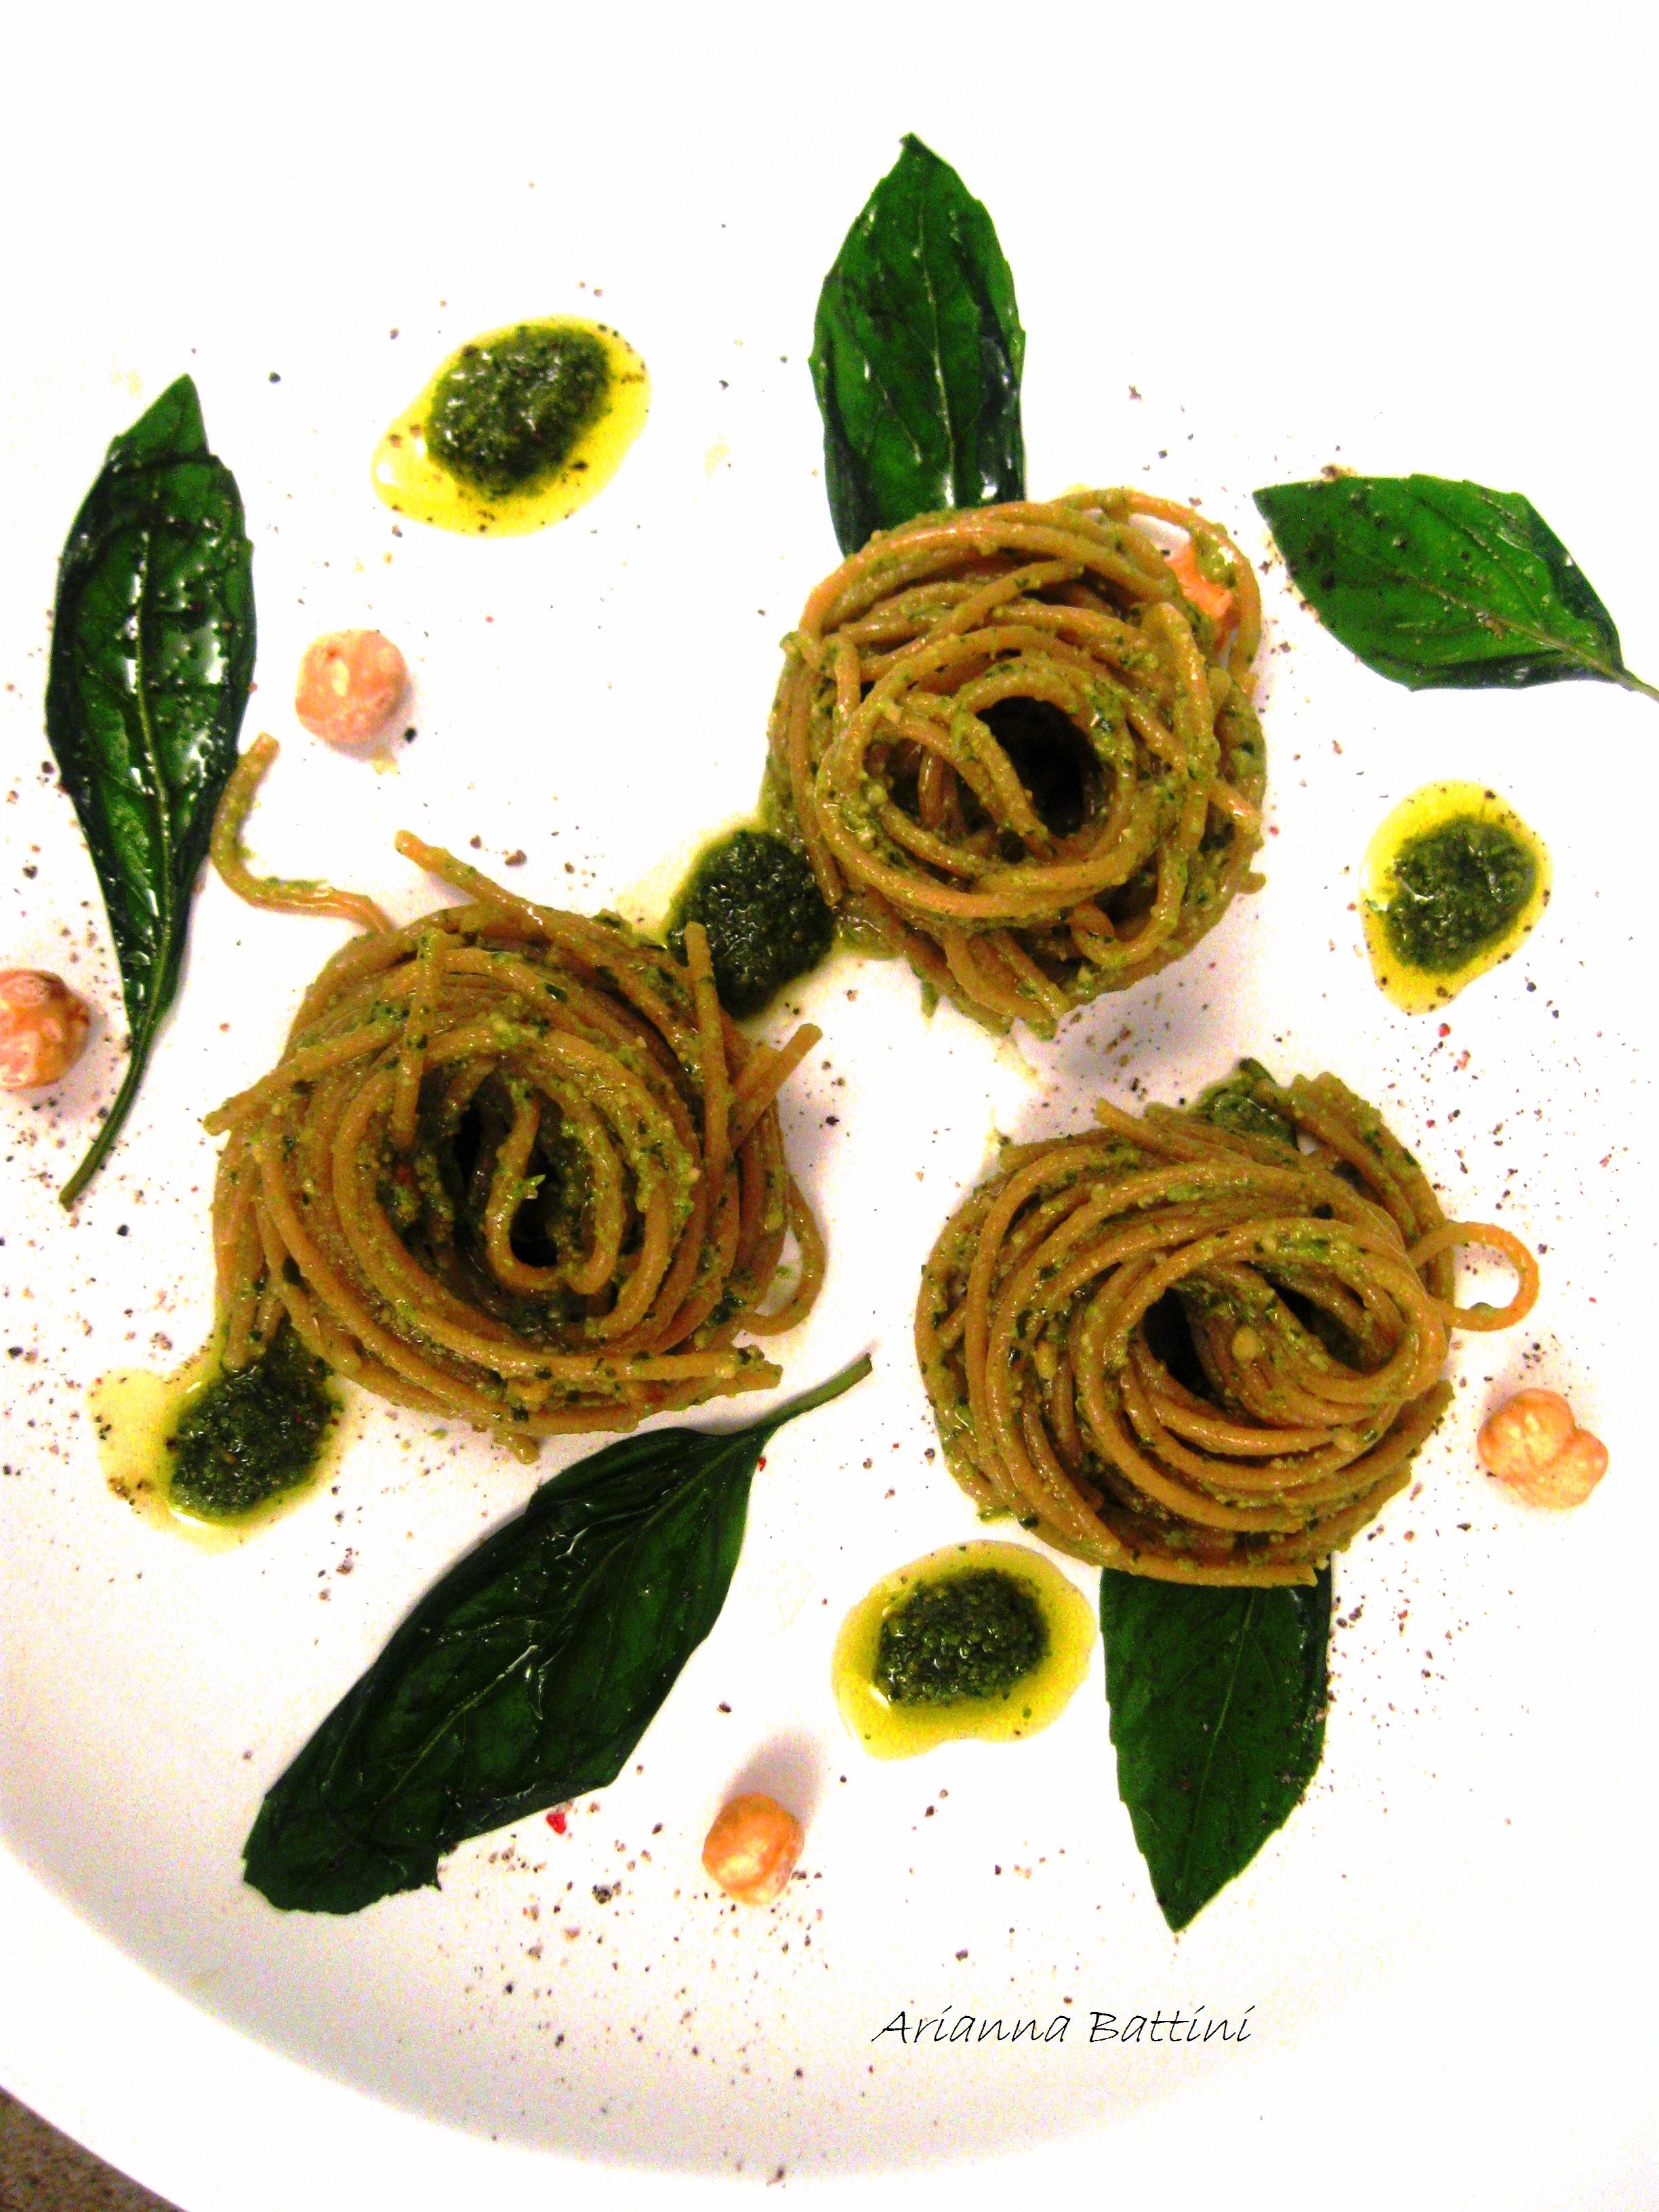 Spaghetto integrale con pesto di basilico e nocciole.